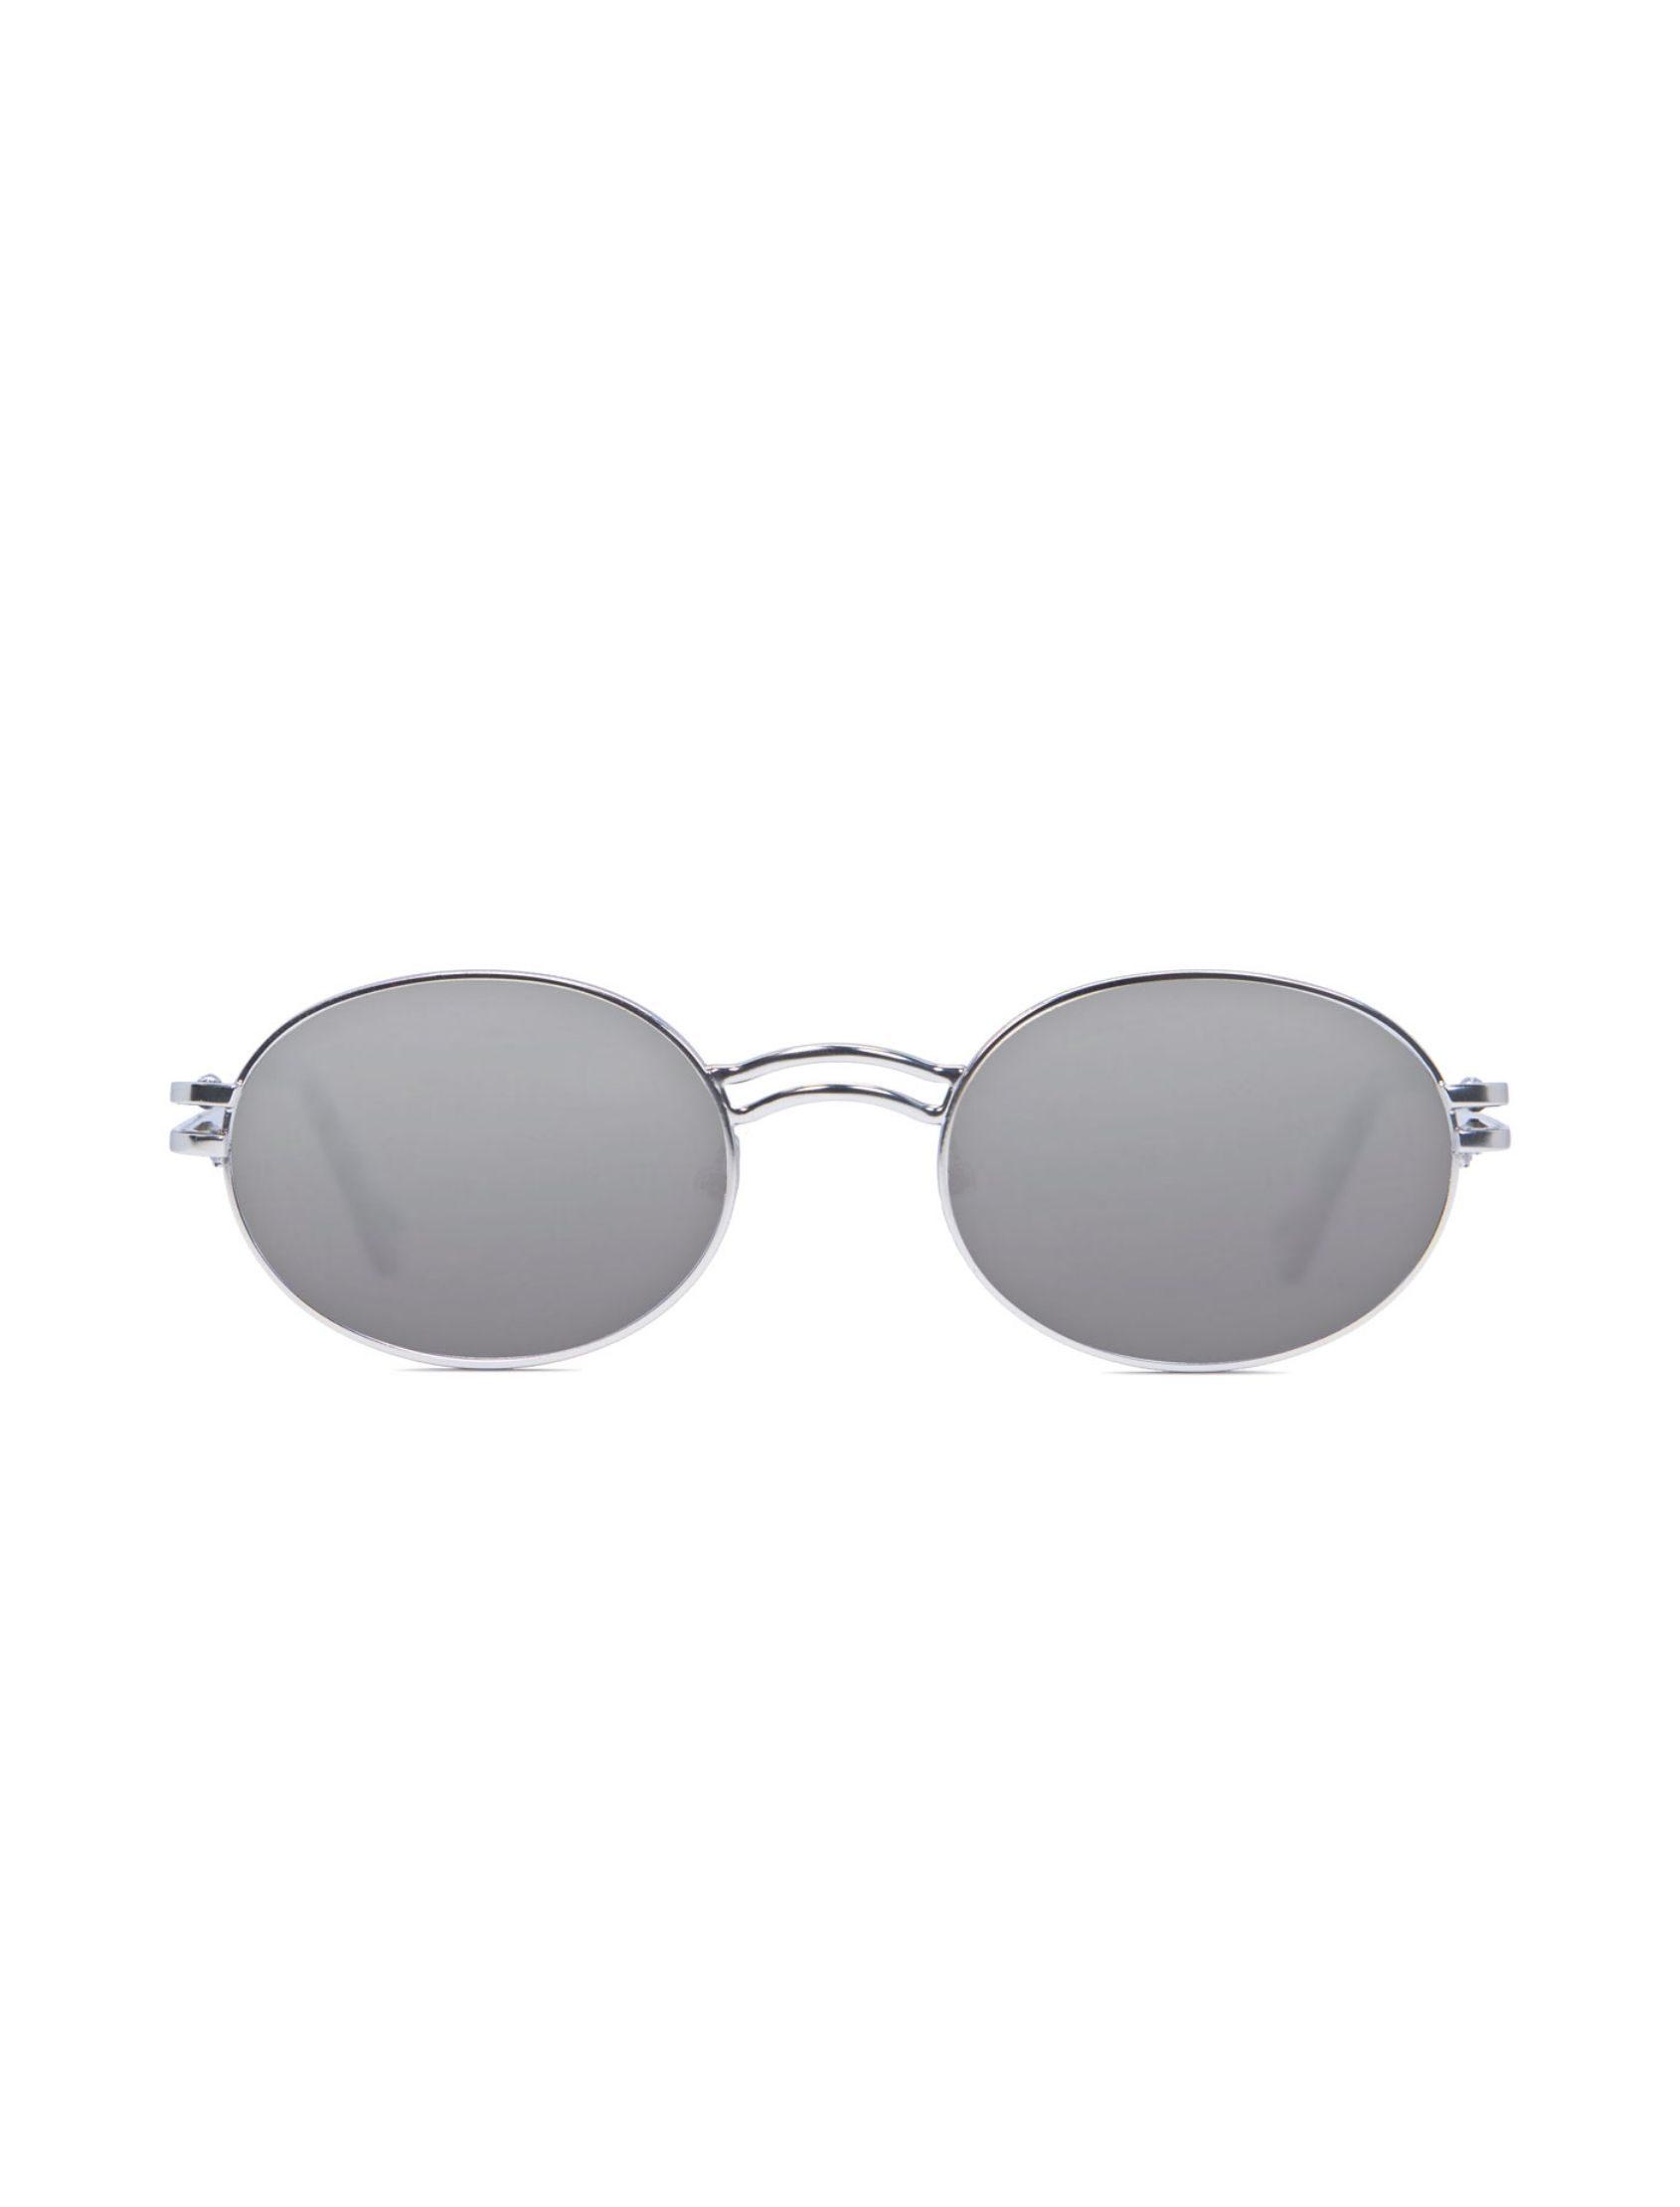 gafa de sol unisex kamy con montura plata y lente plata